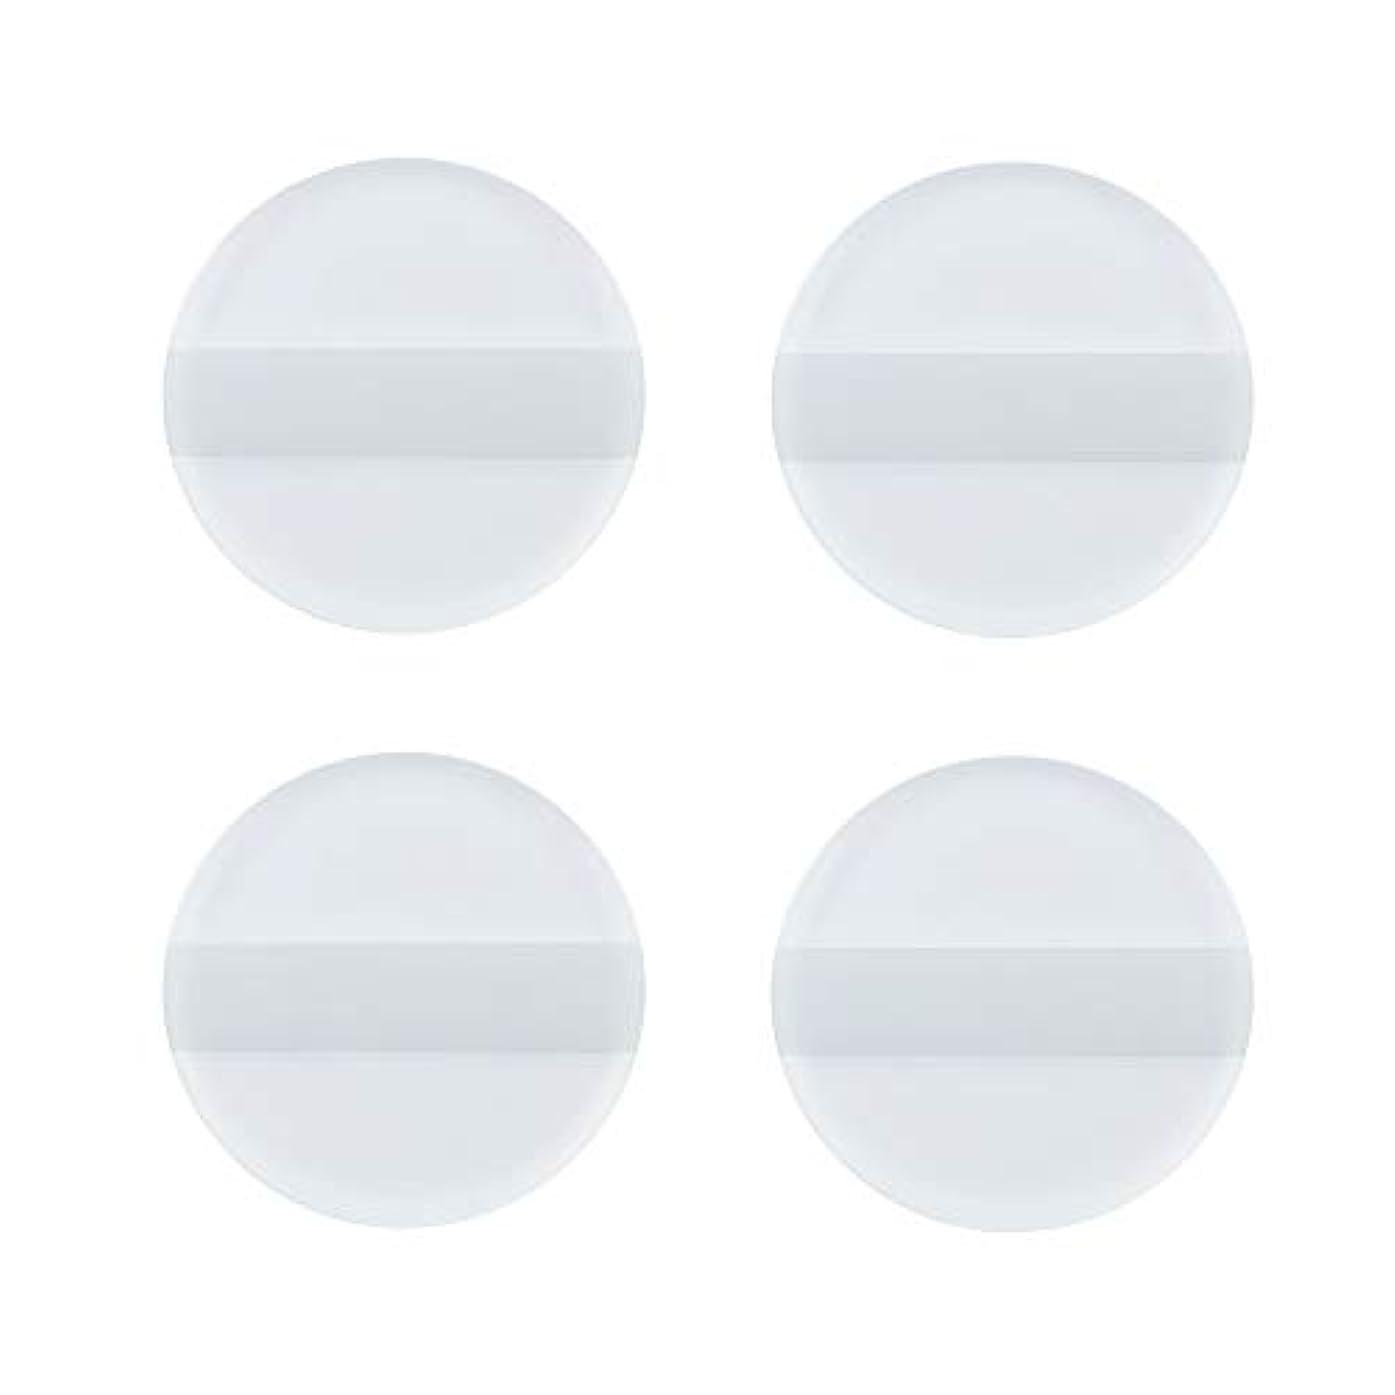 列車仲介者上へSHARE BEAUTY シリコンパフ ゲルパフ ゼリーパフ 4枚入り 円形 柔らかい 透明 軽量 コンパクト ファンデーション吸収しない 化粧品を節約 清潔しやすい 衛生 メイク用 ケース付き